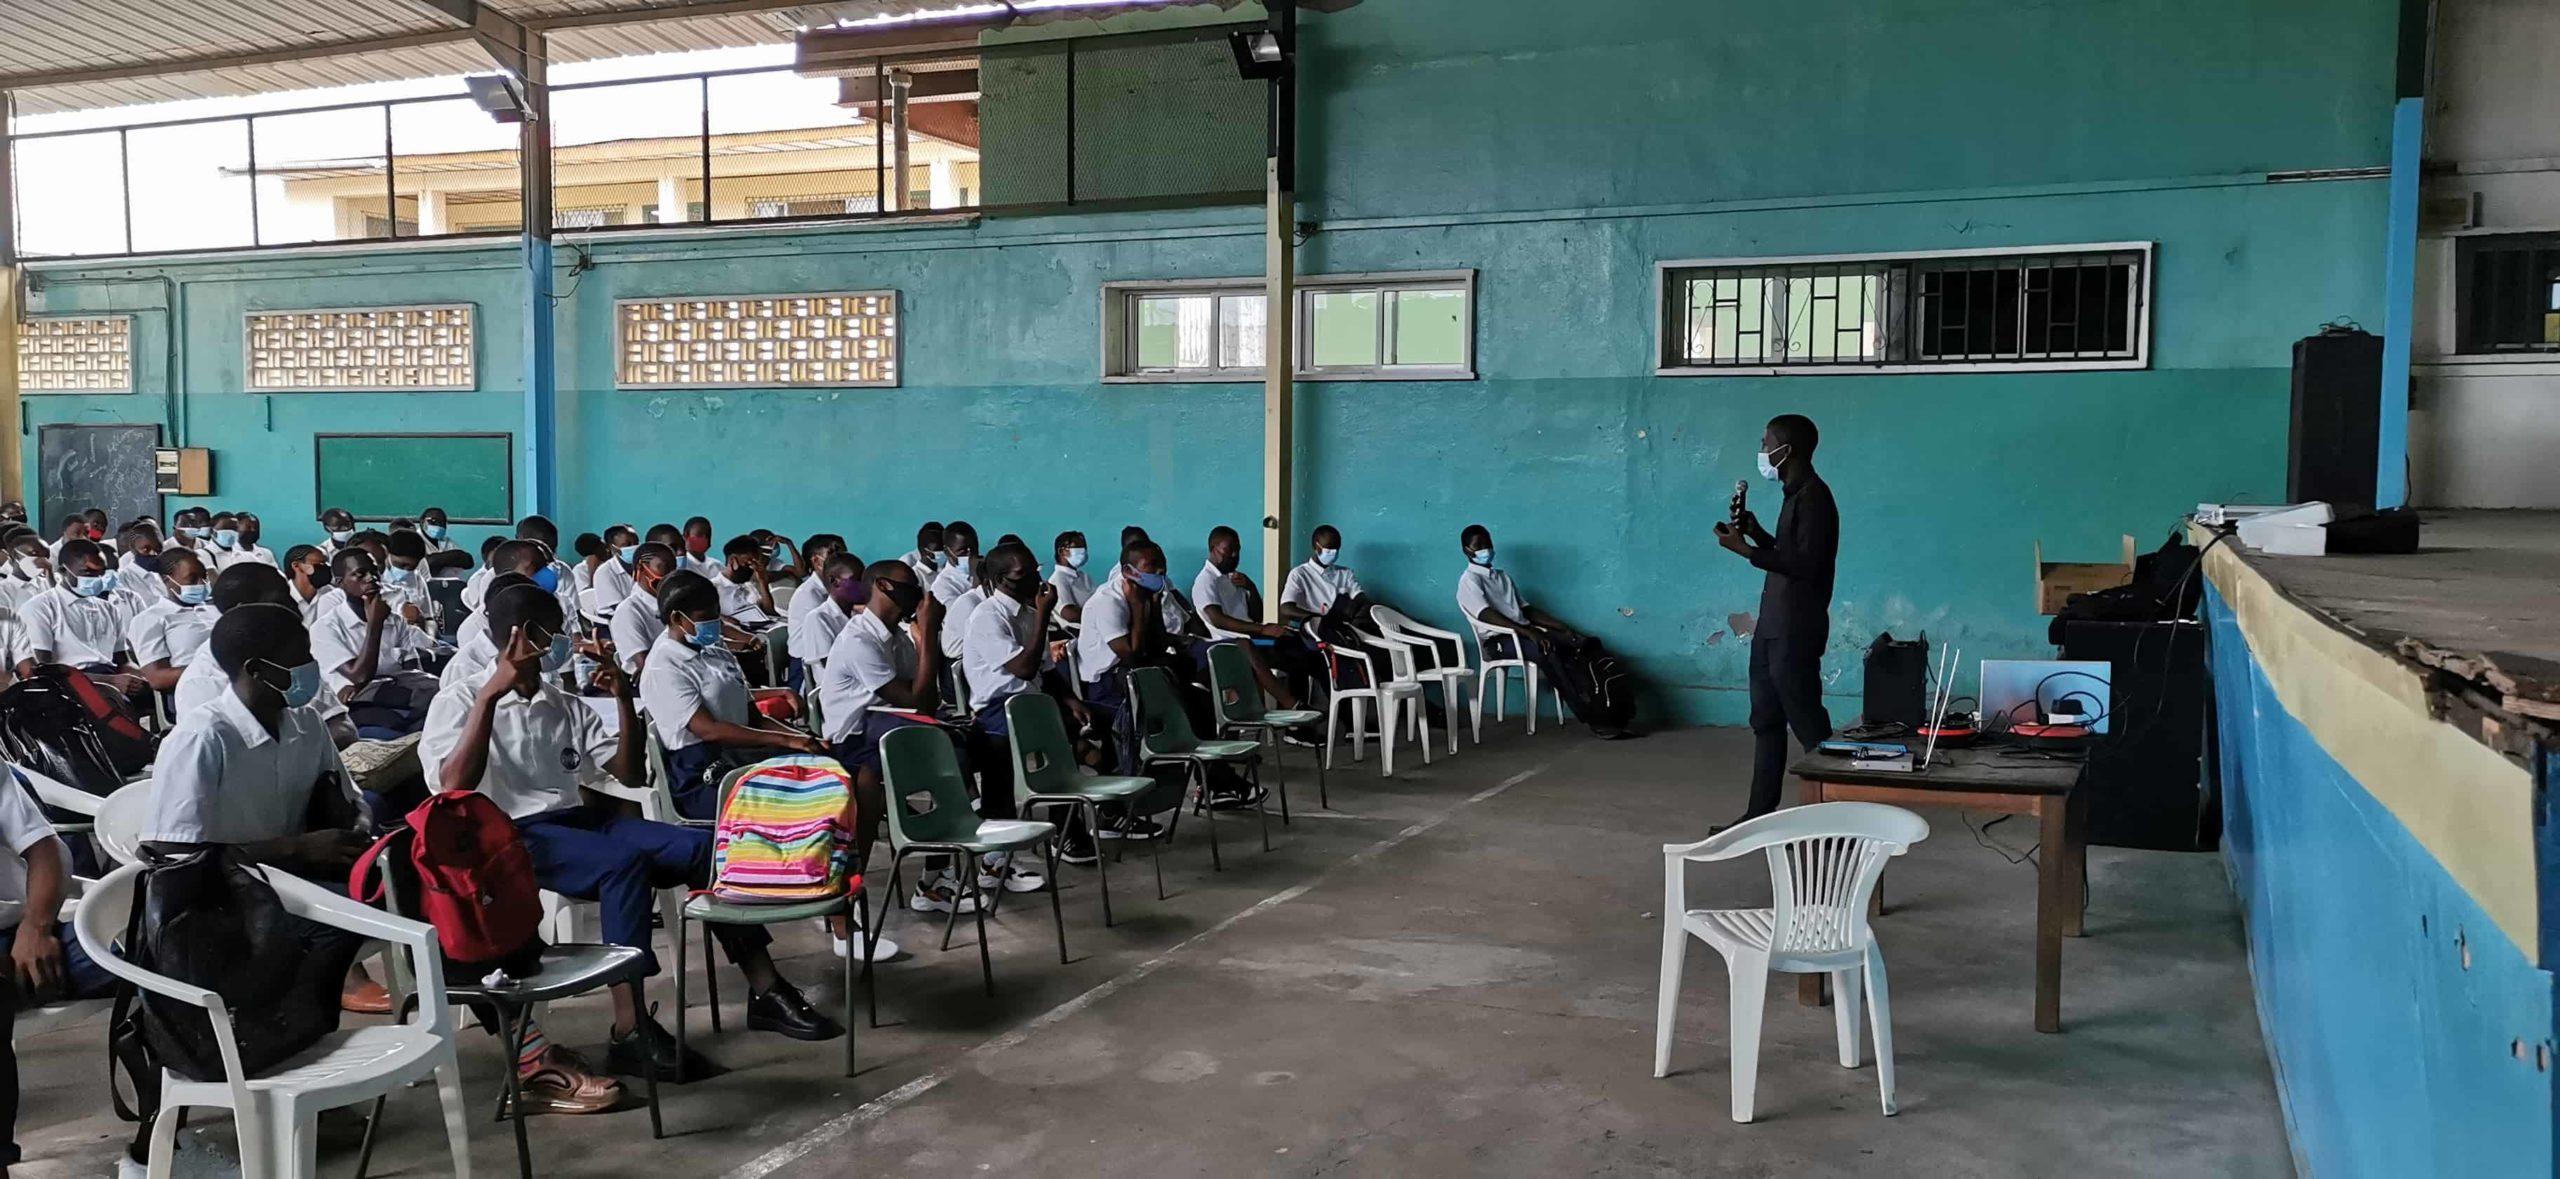 Comienza el Curso de Preparación para la Selectividad (CPS 2021) de la Academia Educka